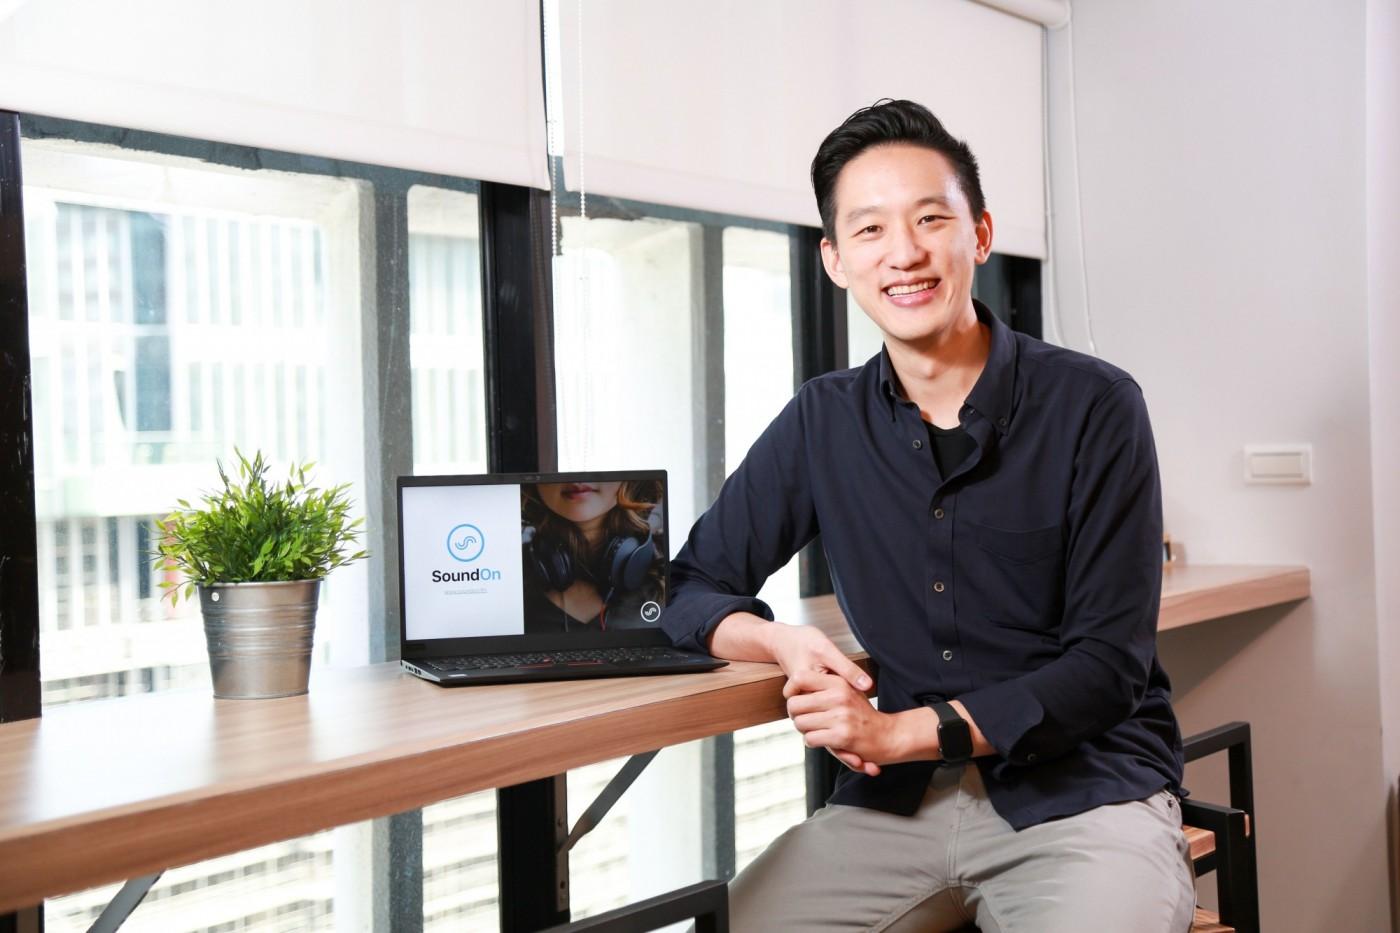 閒不下來!顧立楷離開Uber創業去:催生正體中文 Podcast平台SoundOn